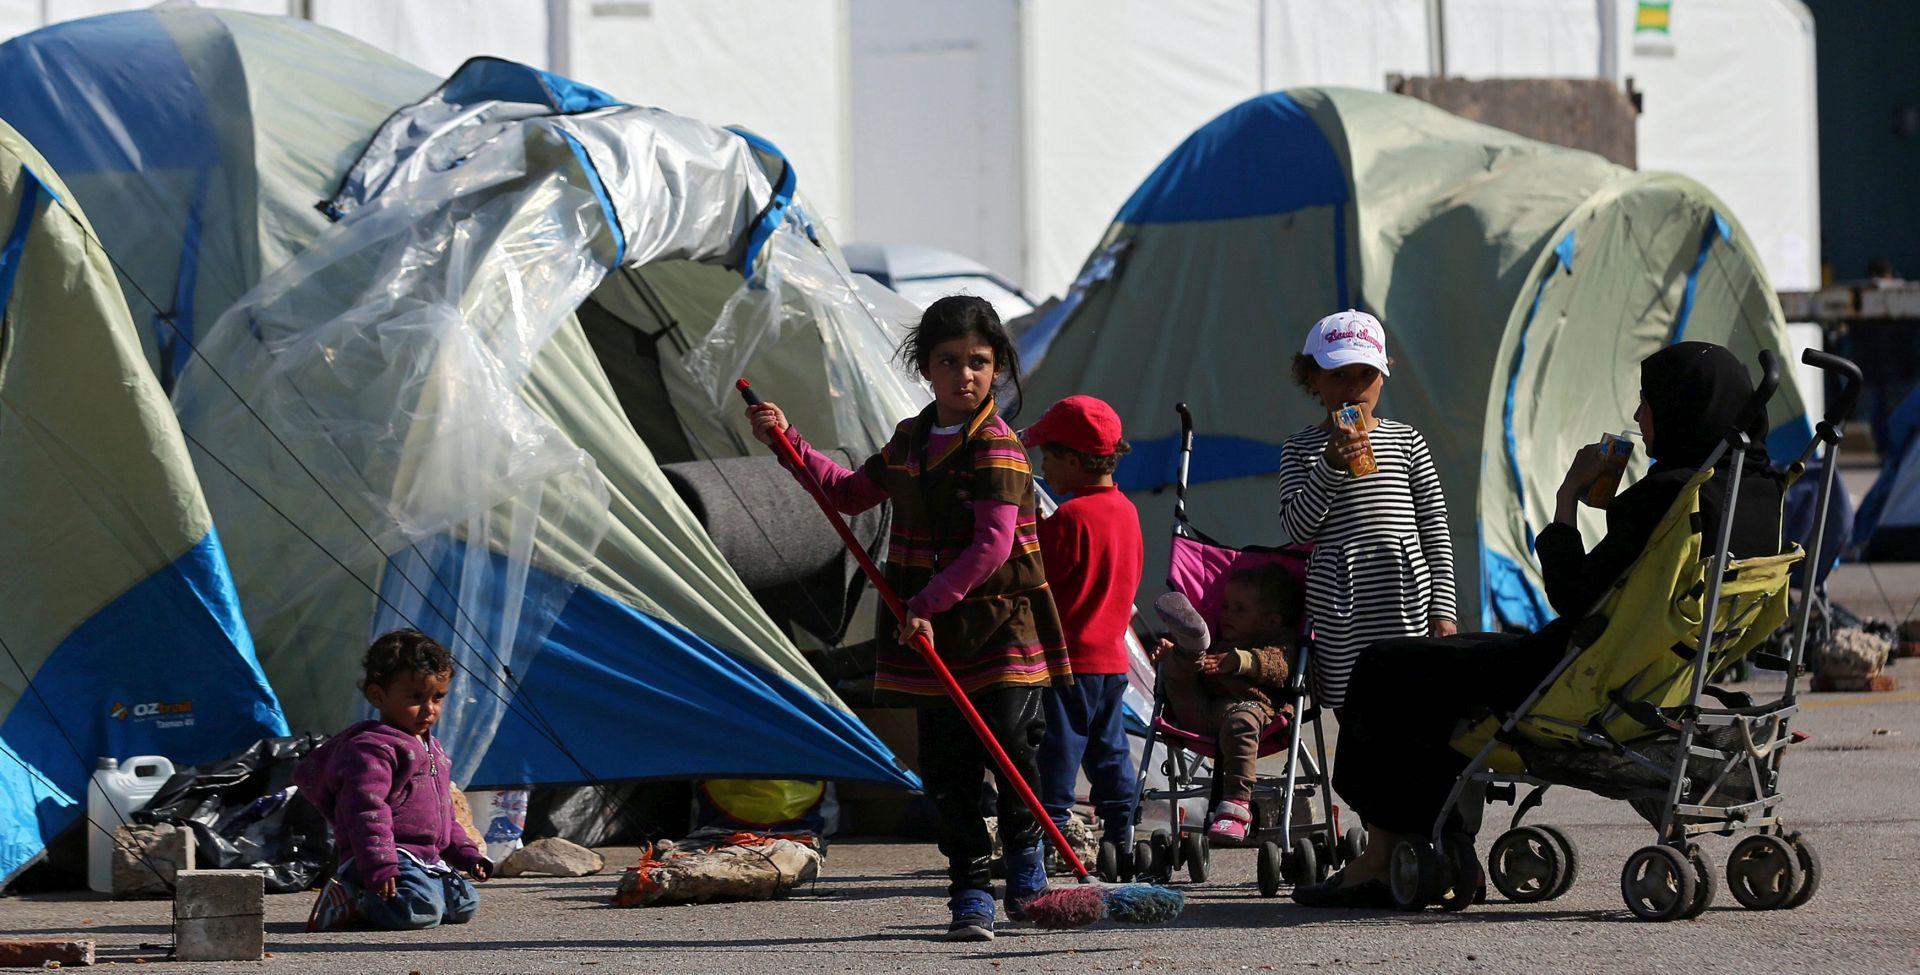 SPORAZUM EU-TURSKA: Dvadesetak Sirijaca vraćeno u Tursku u skladu s dogovorom